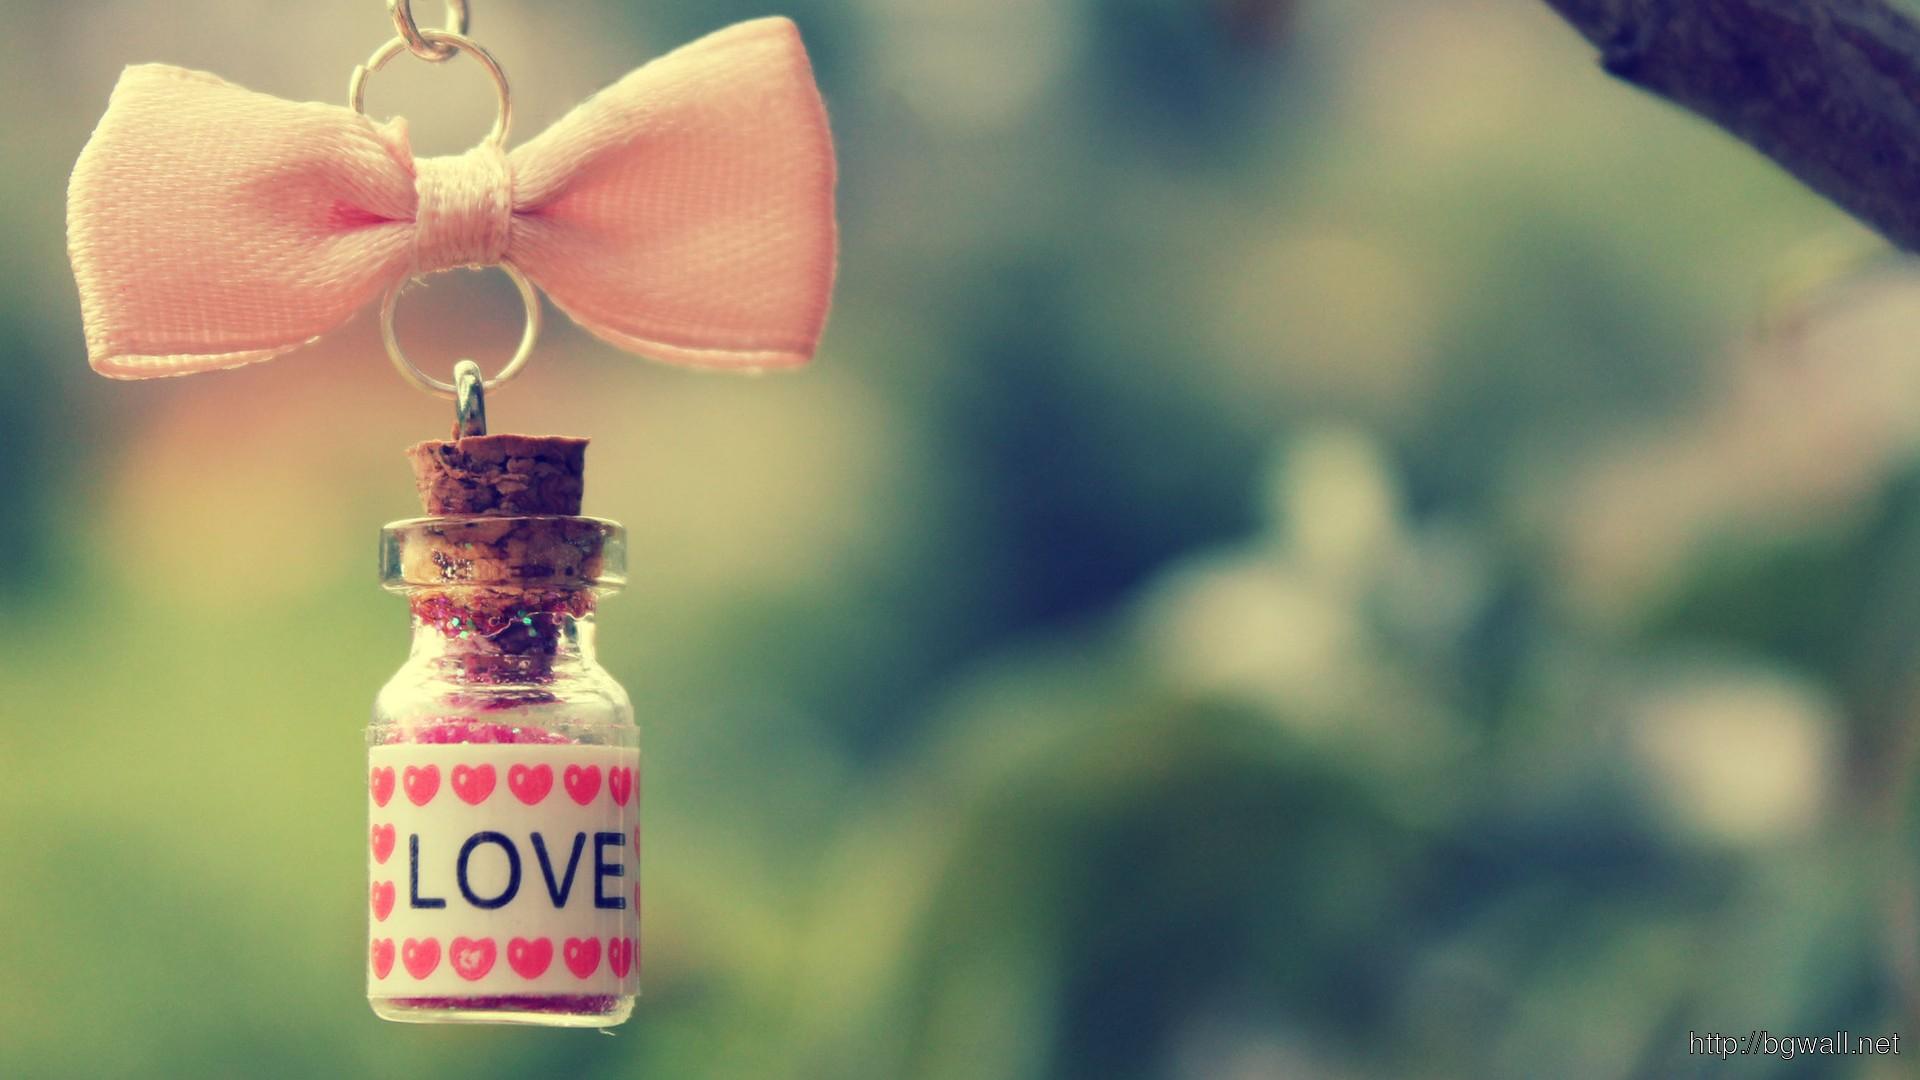 Valentine-Days-Cute-Background-Wallpaper